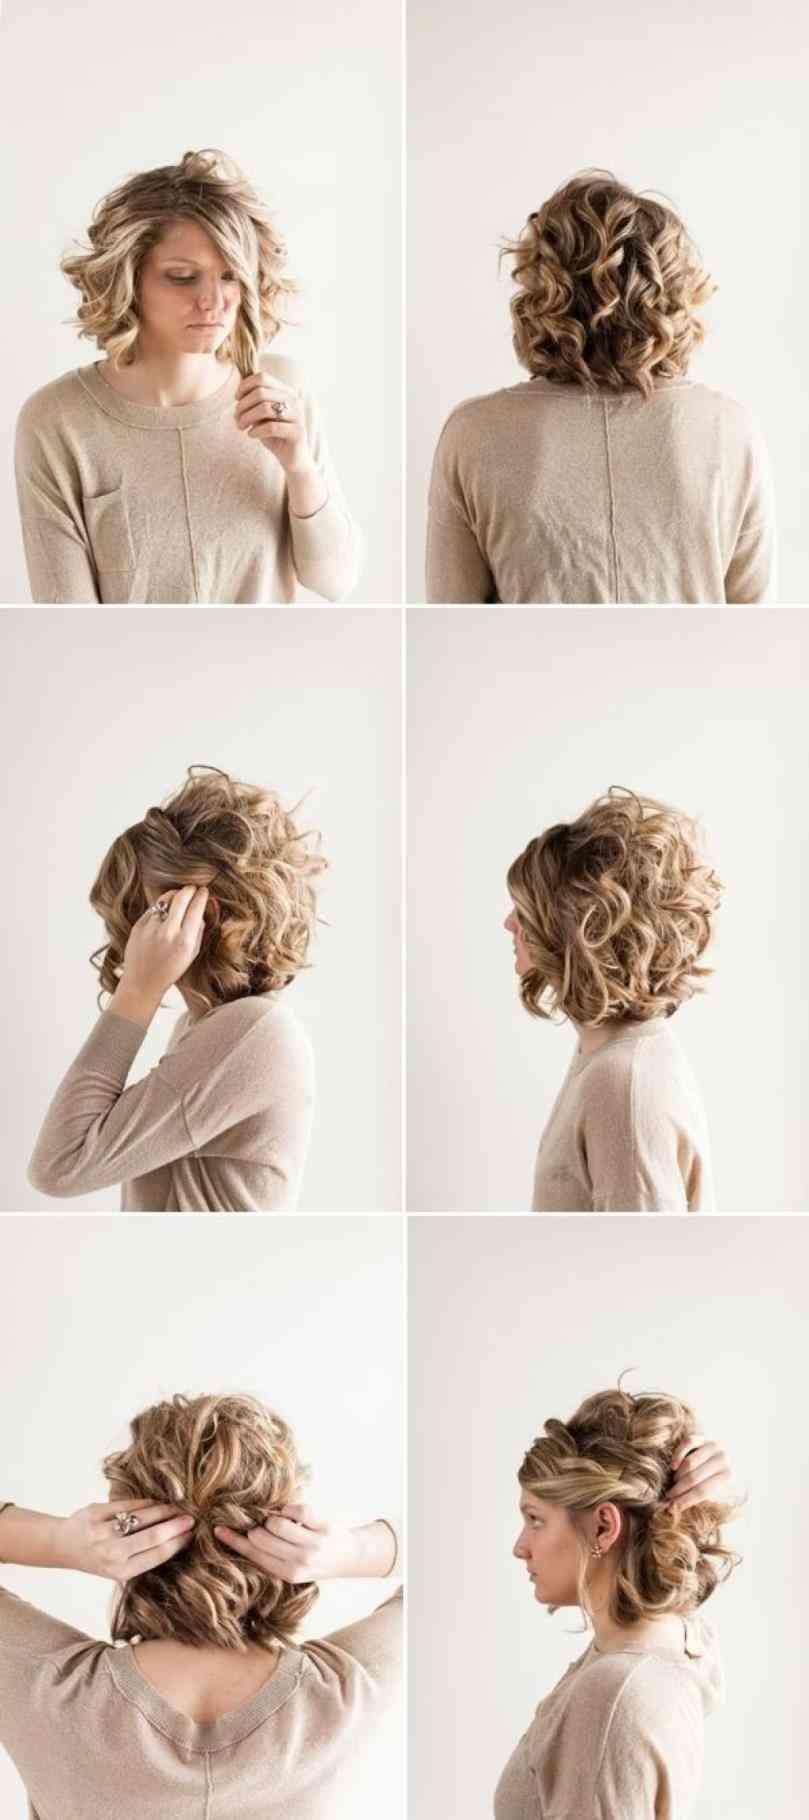 Kurzes haar frisuren für prom acconciature pinterest hair